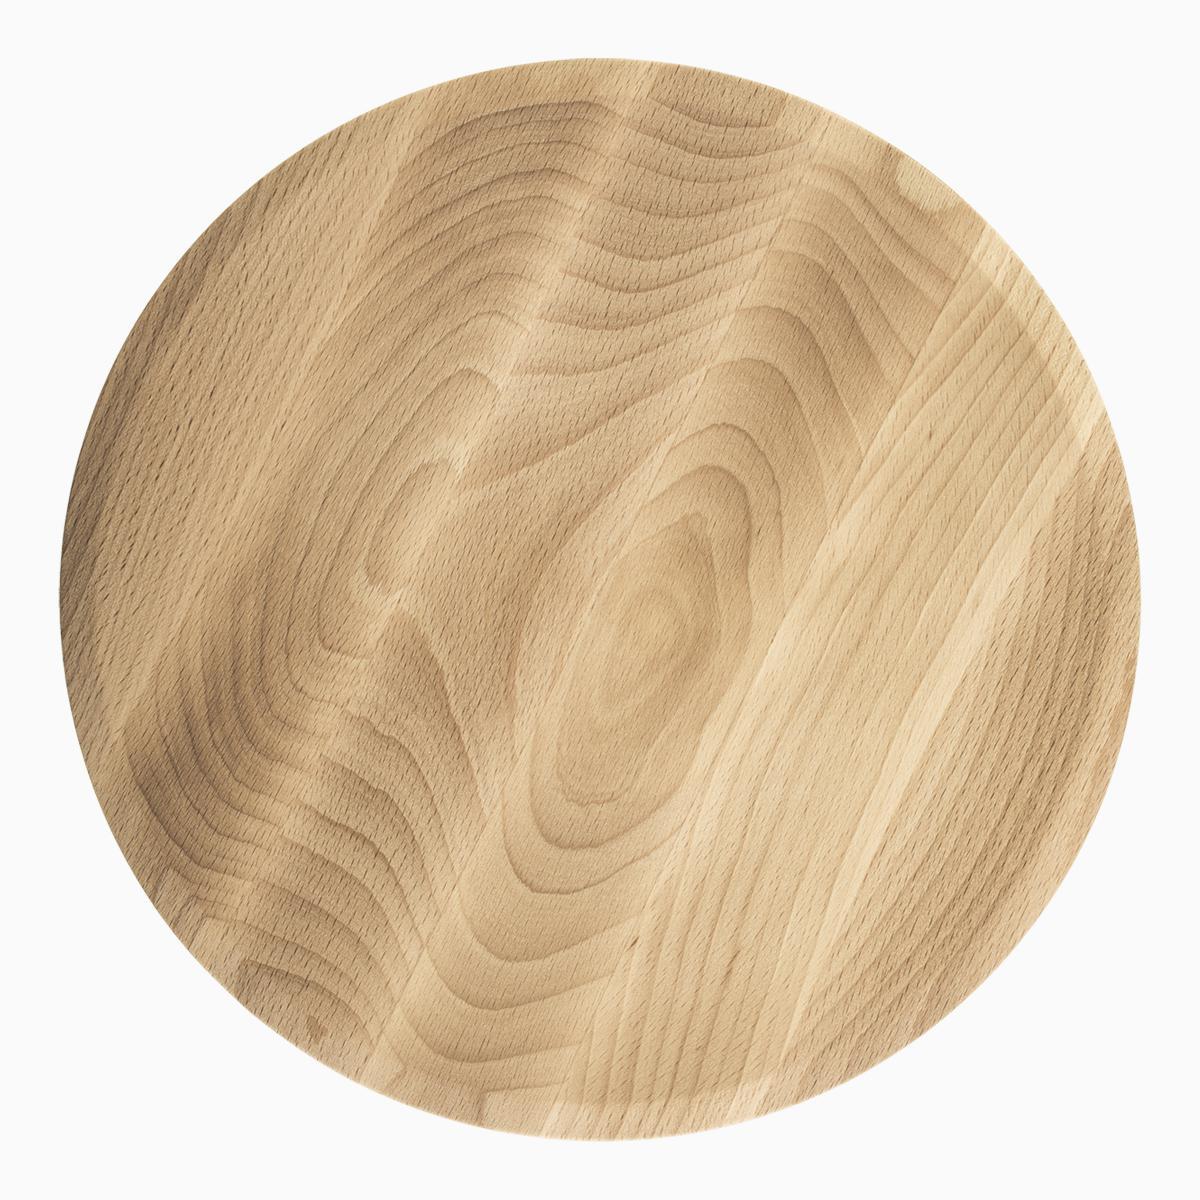 Wooden Plate Round